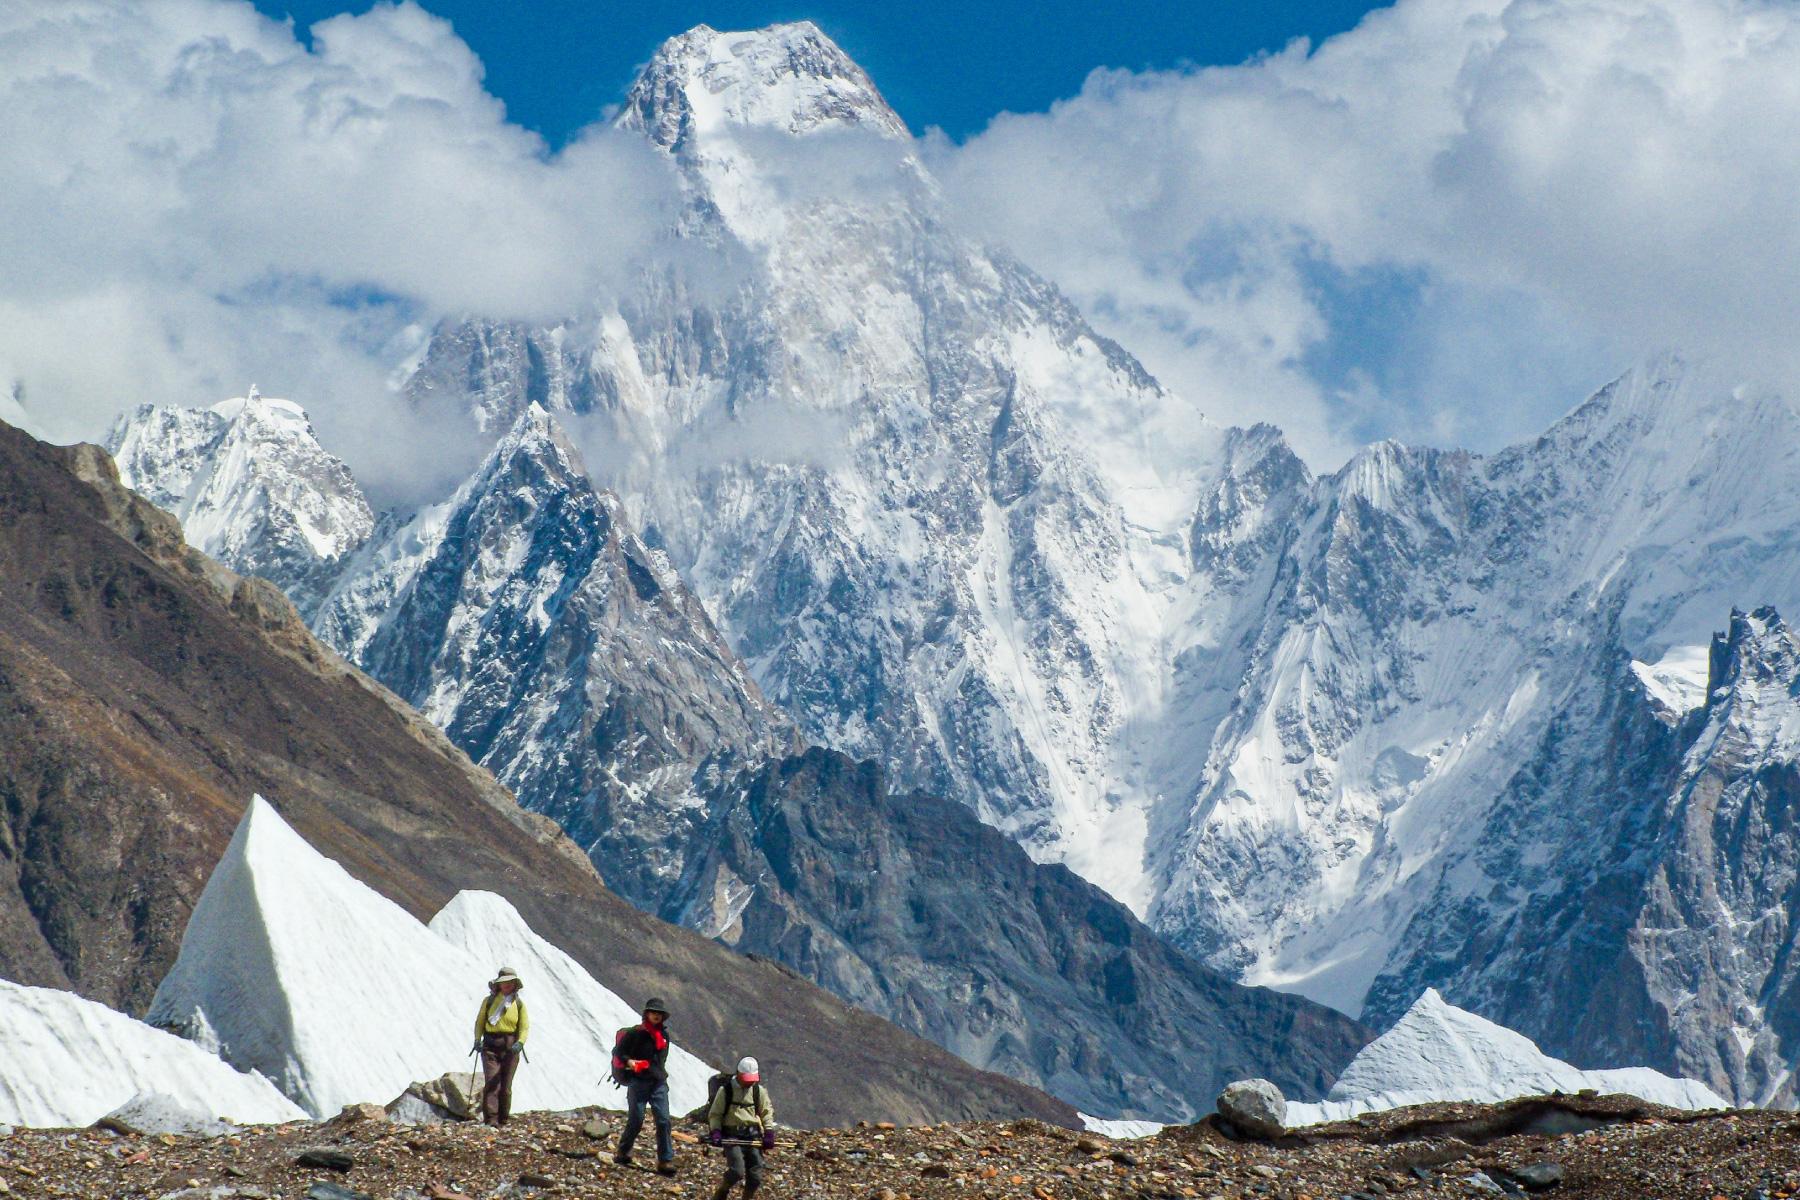 大迫力の山岳展望